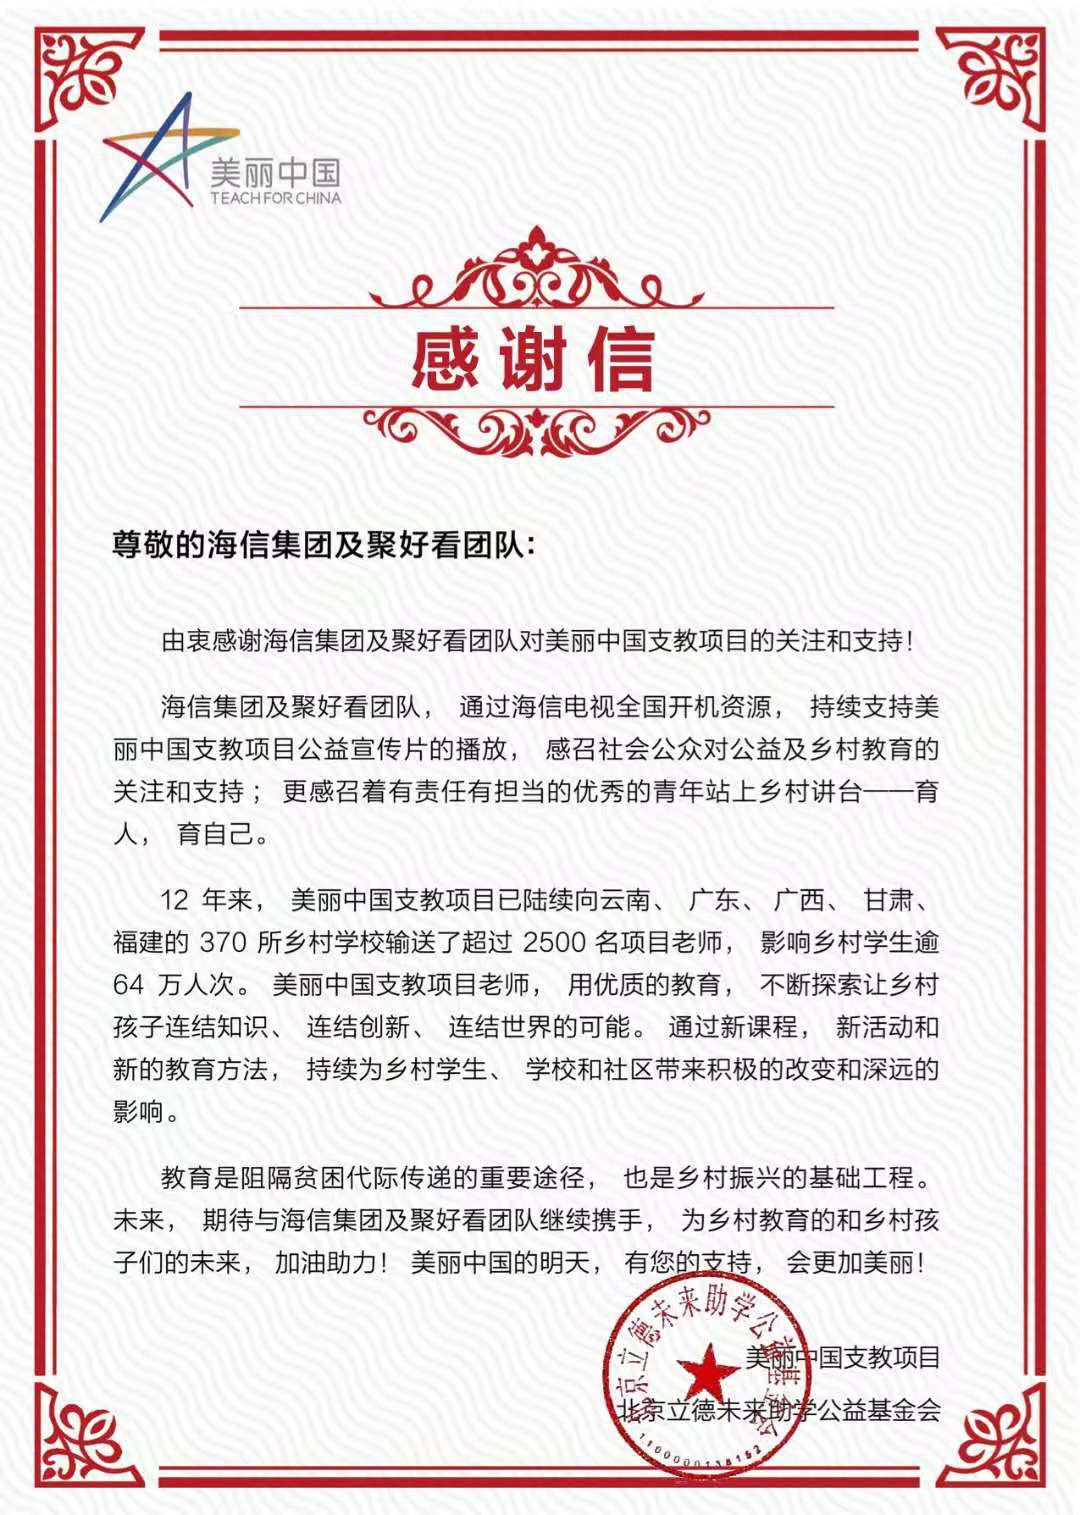 """支持乡村支教公益项目 """"美丽中国""""给聚好看科技发了一封感谢信"""